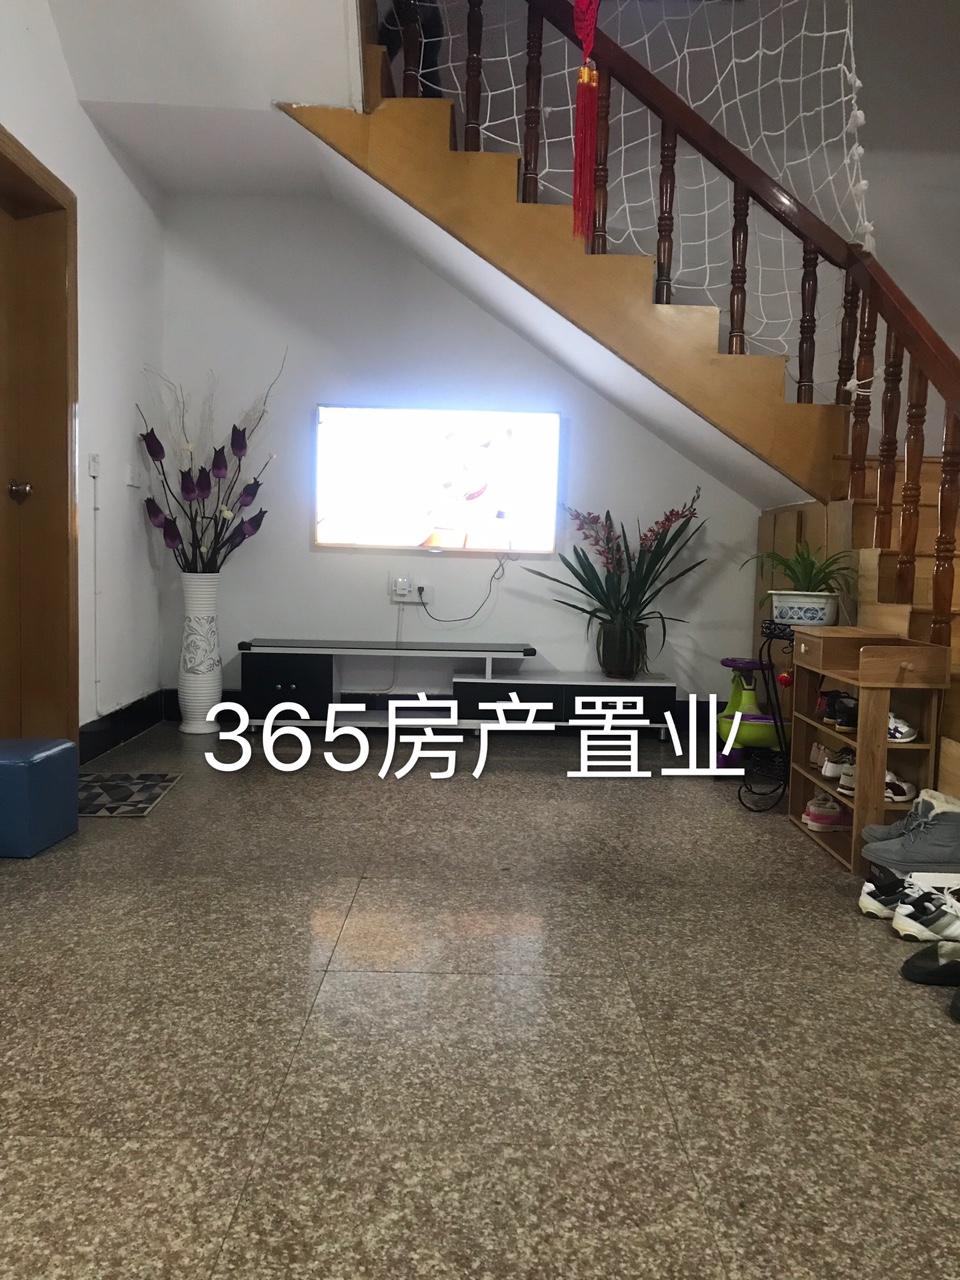 ?????? 新房源 天地房、光明学区房、占地面积:92